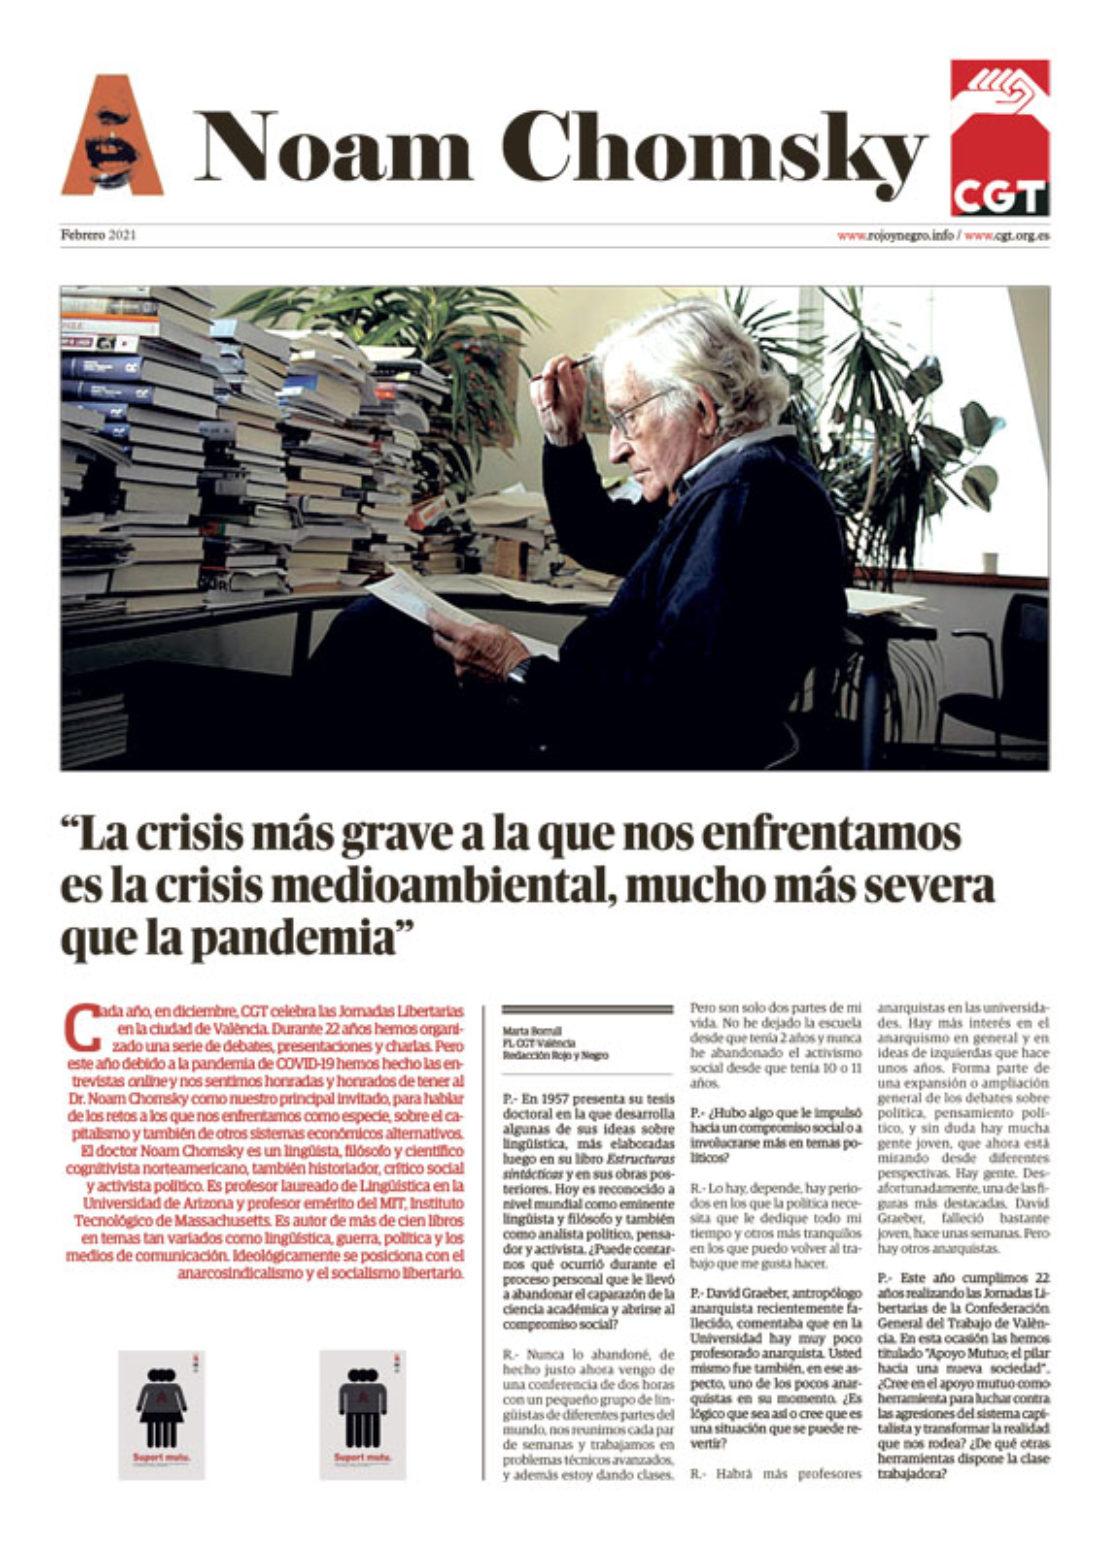 Especial Entrevista a Noam Chomsky – Febrero 2021